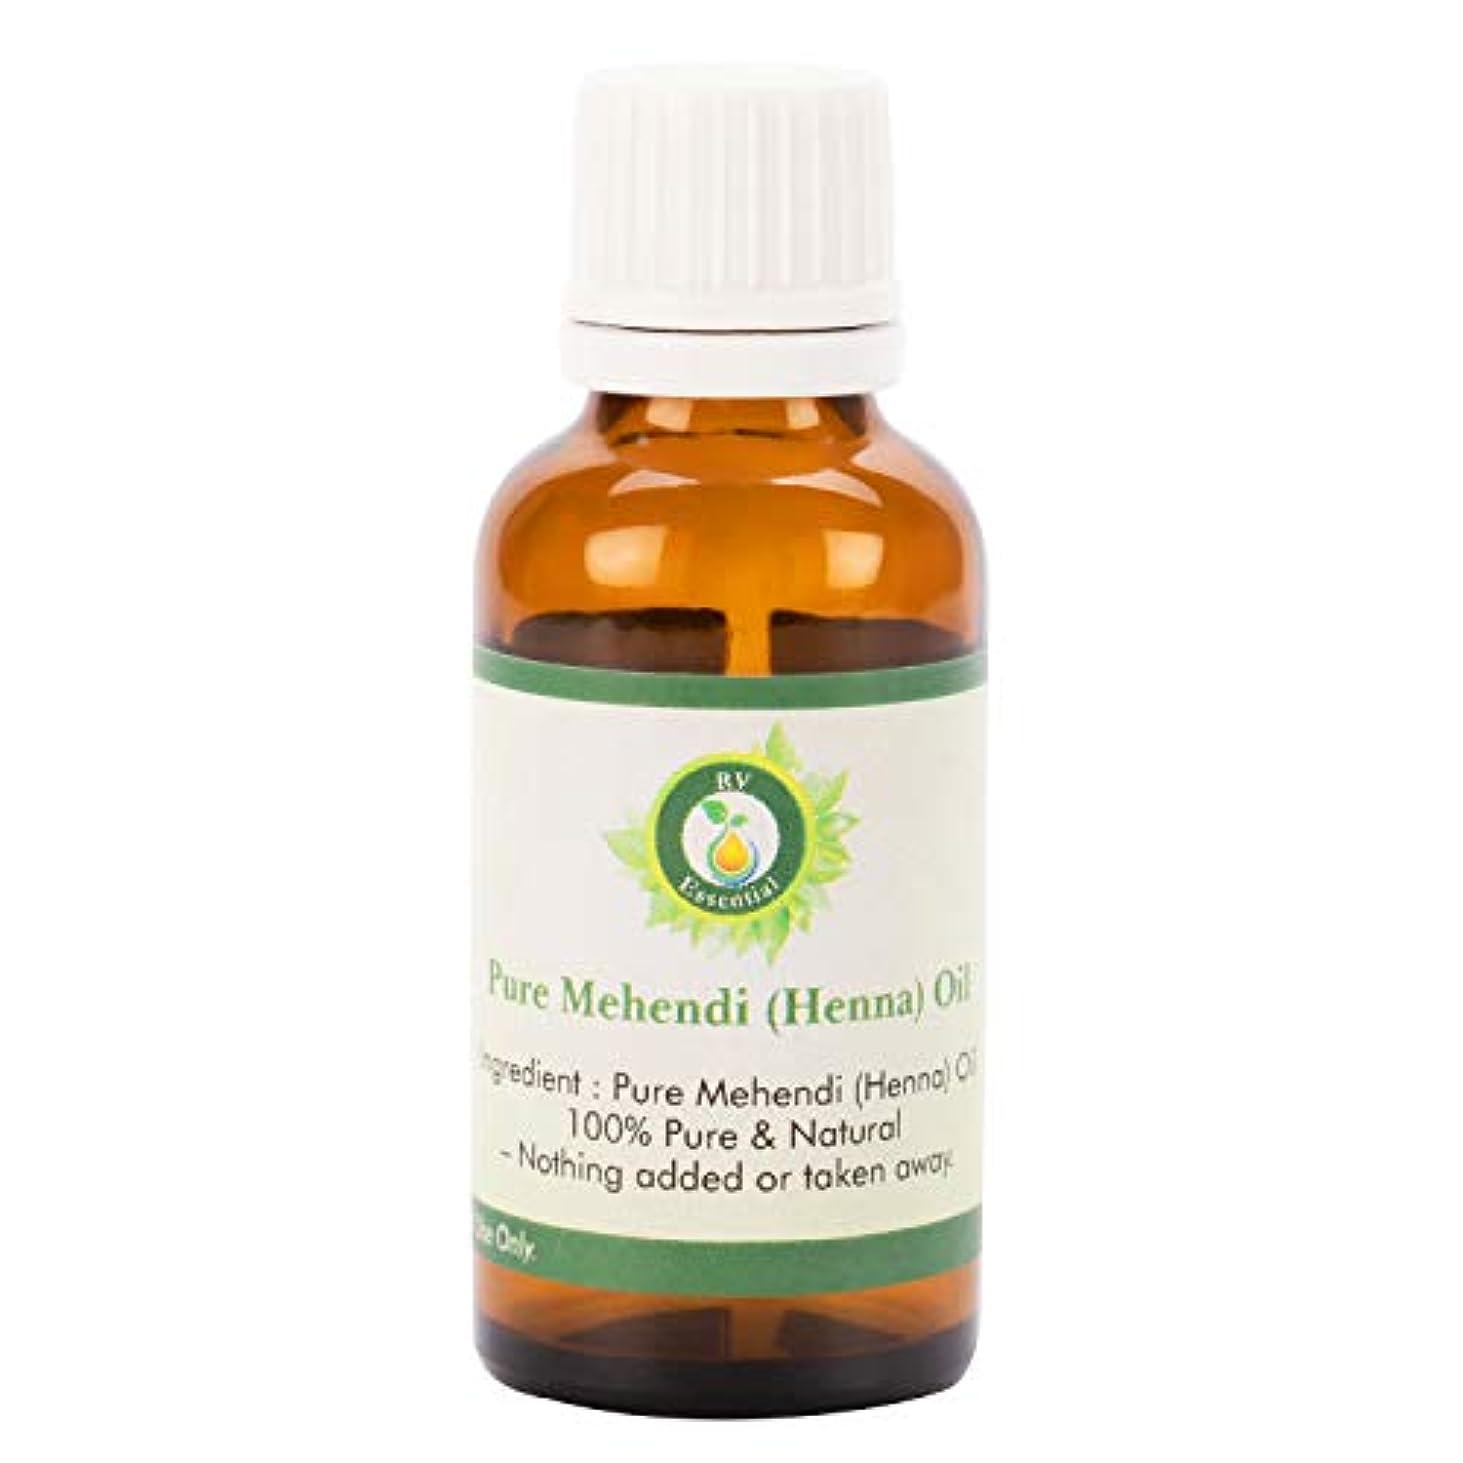 のホスト迷信断線ピュアMehendi(ヘナ)オイル100ml (3.38oz)- (100%純粋でナチュラル) Pure Mehendi (Henna) Oil